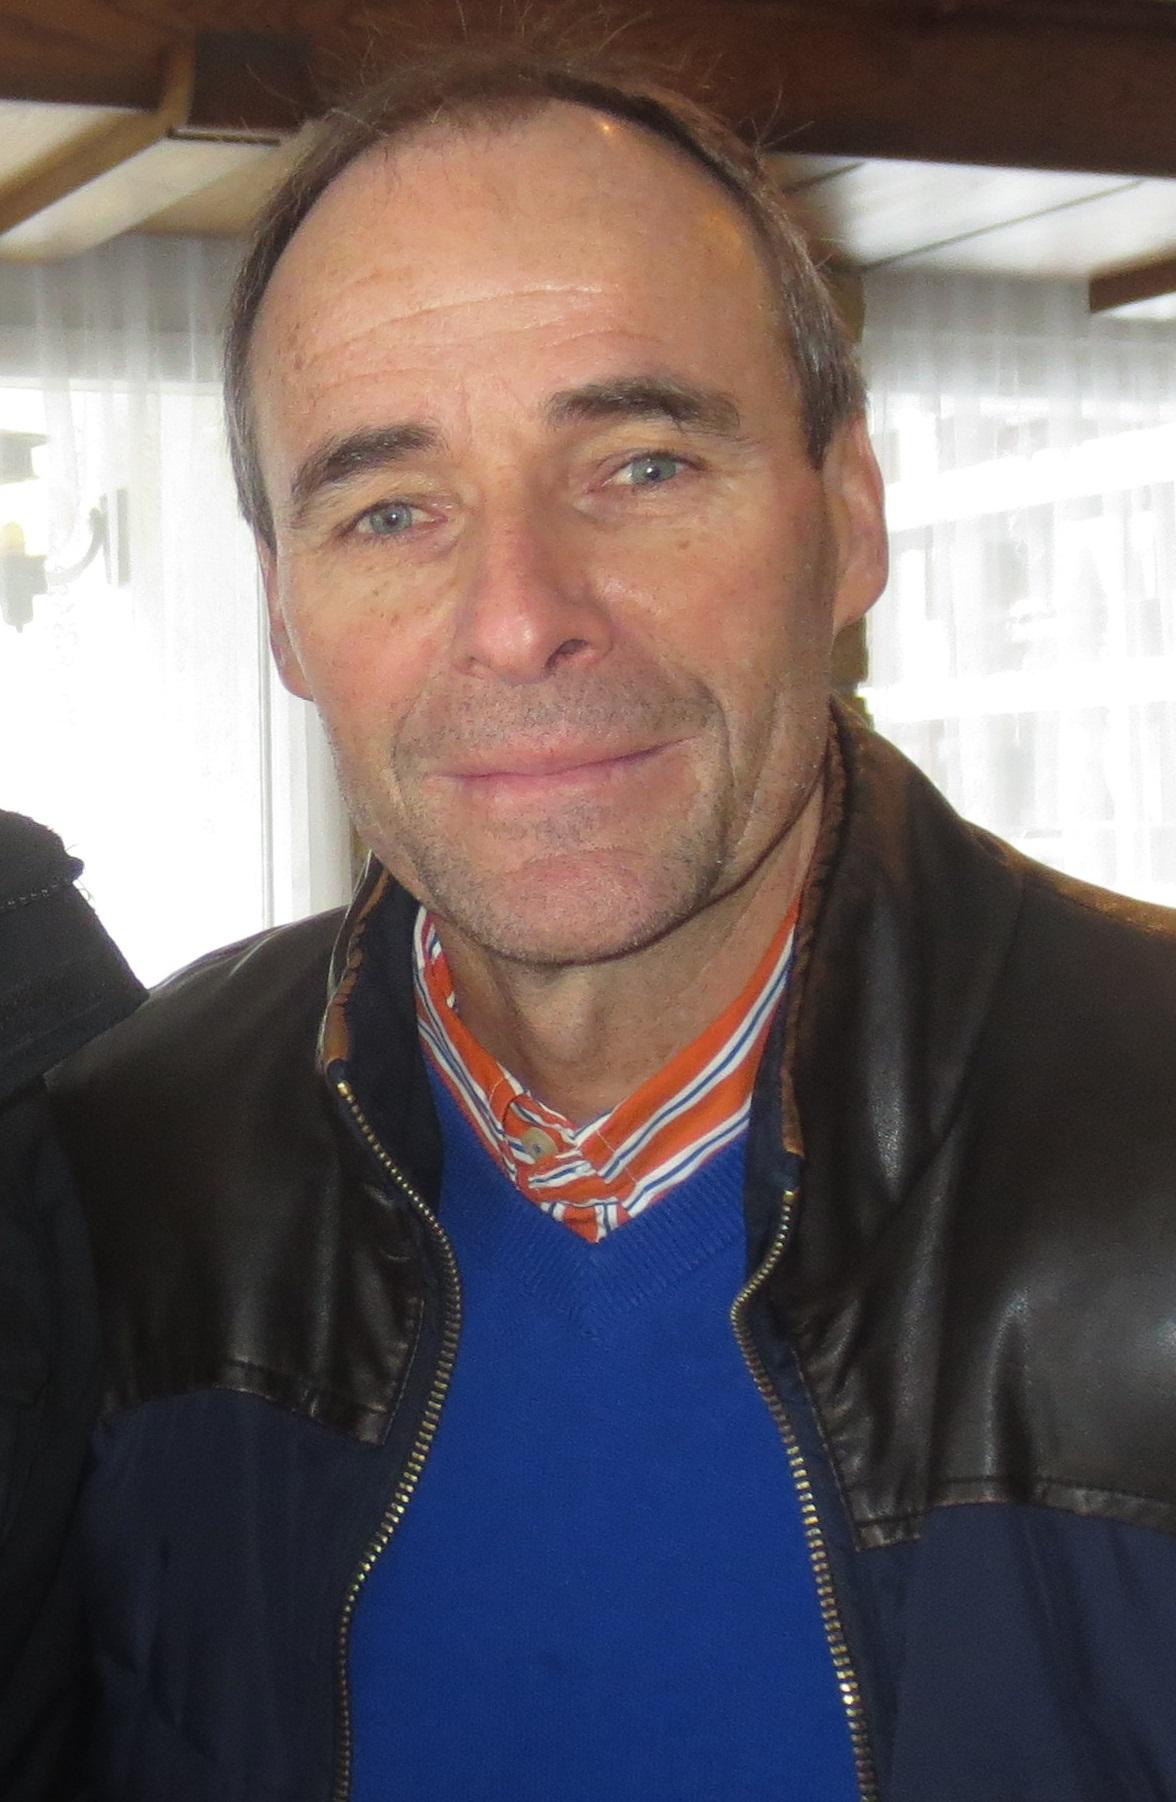 Max Julen - Wikipedia